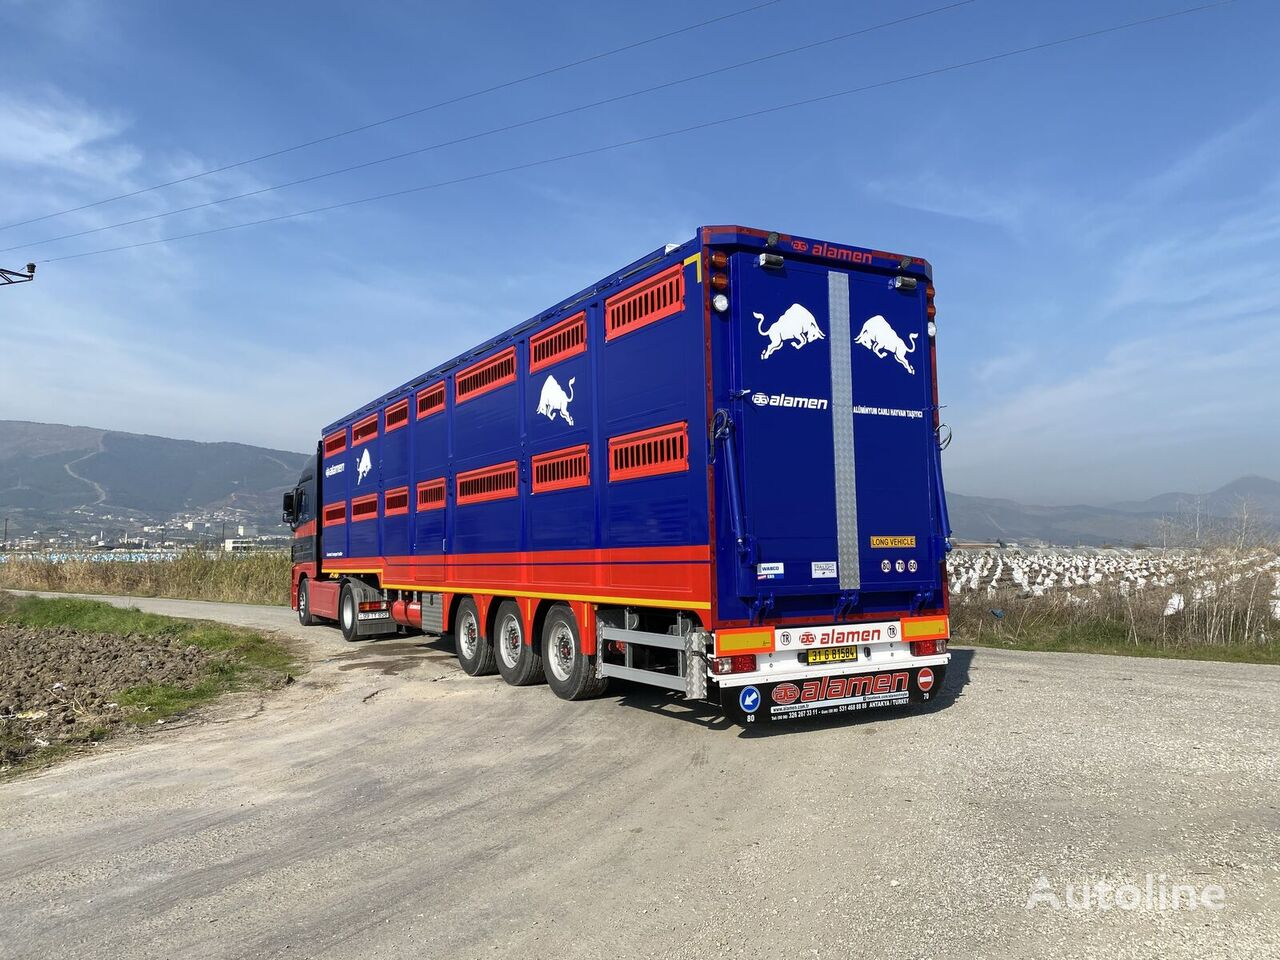 новый полуприцеп скотовоз ALAMEN livestock transport trailer